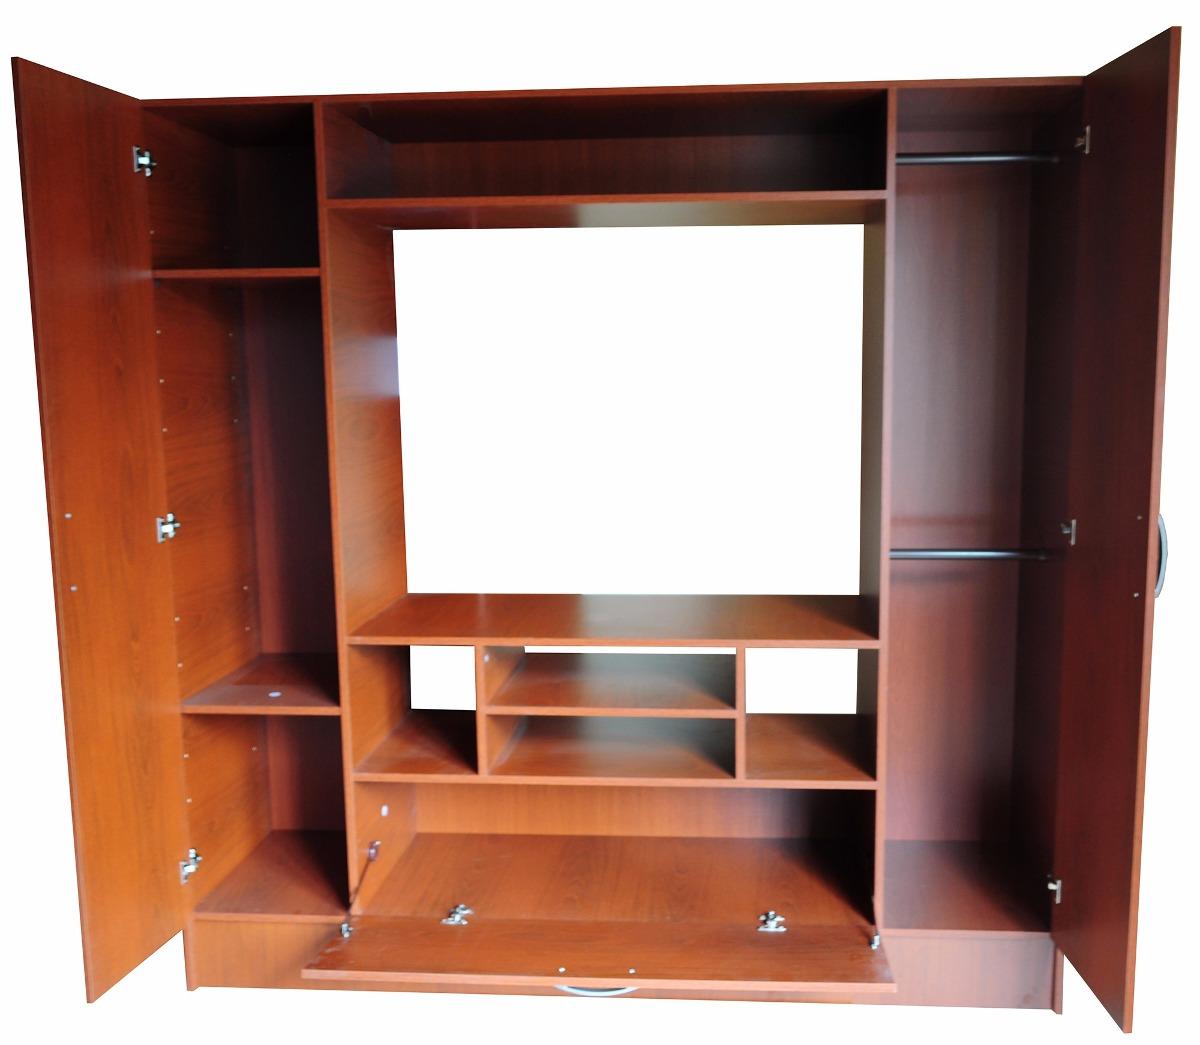 Closet para led 42 pulgadas armario en mercado Napsix muebles usados mendoza